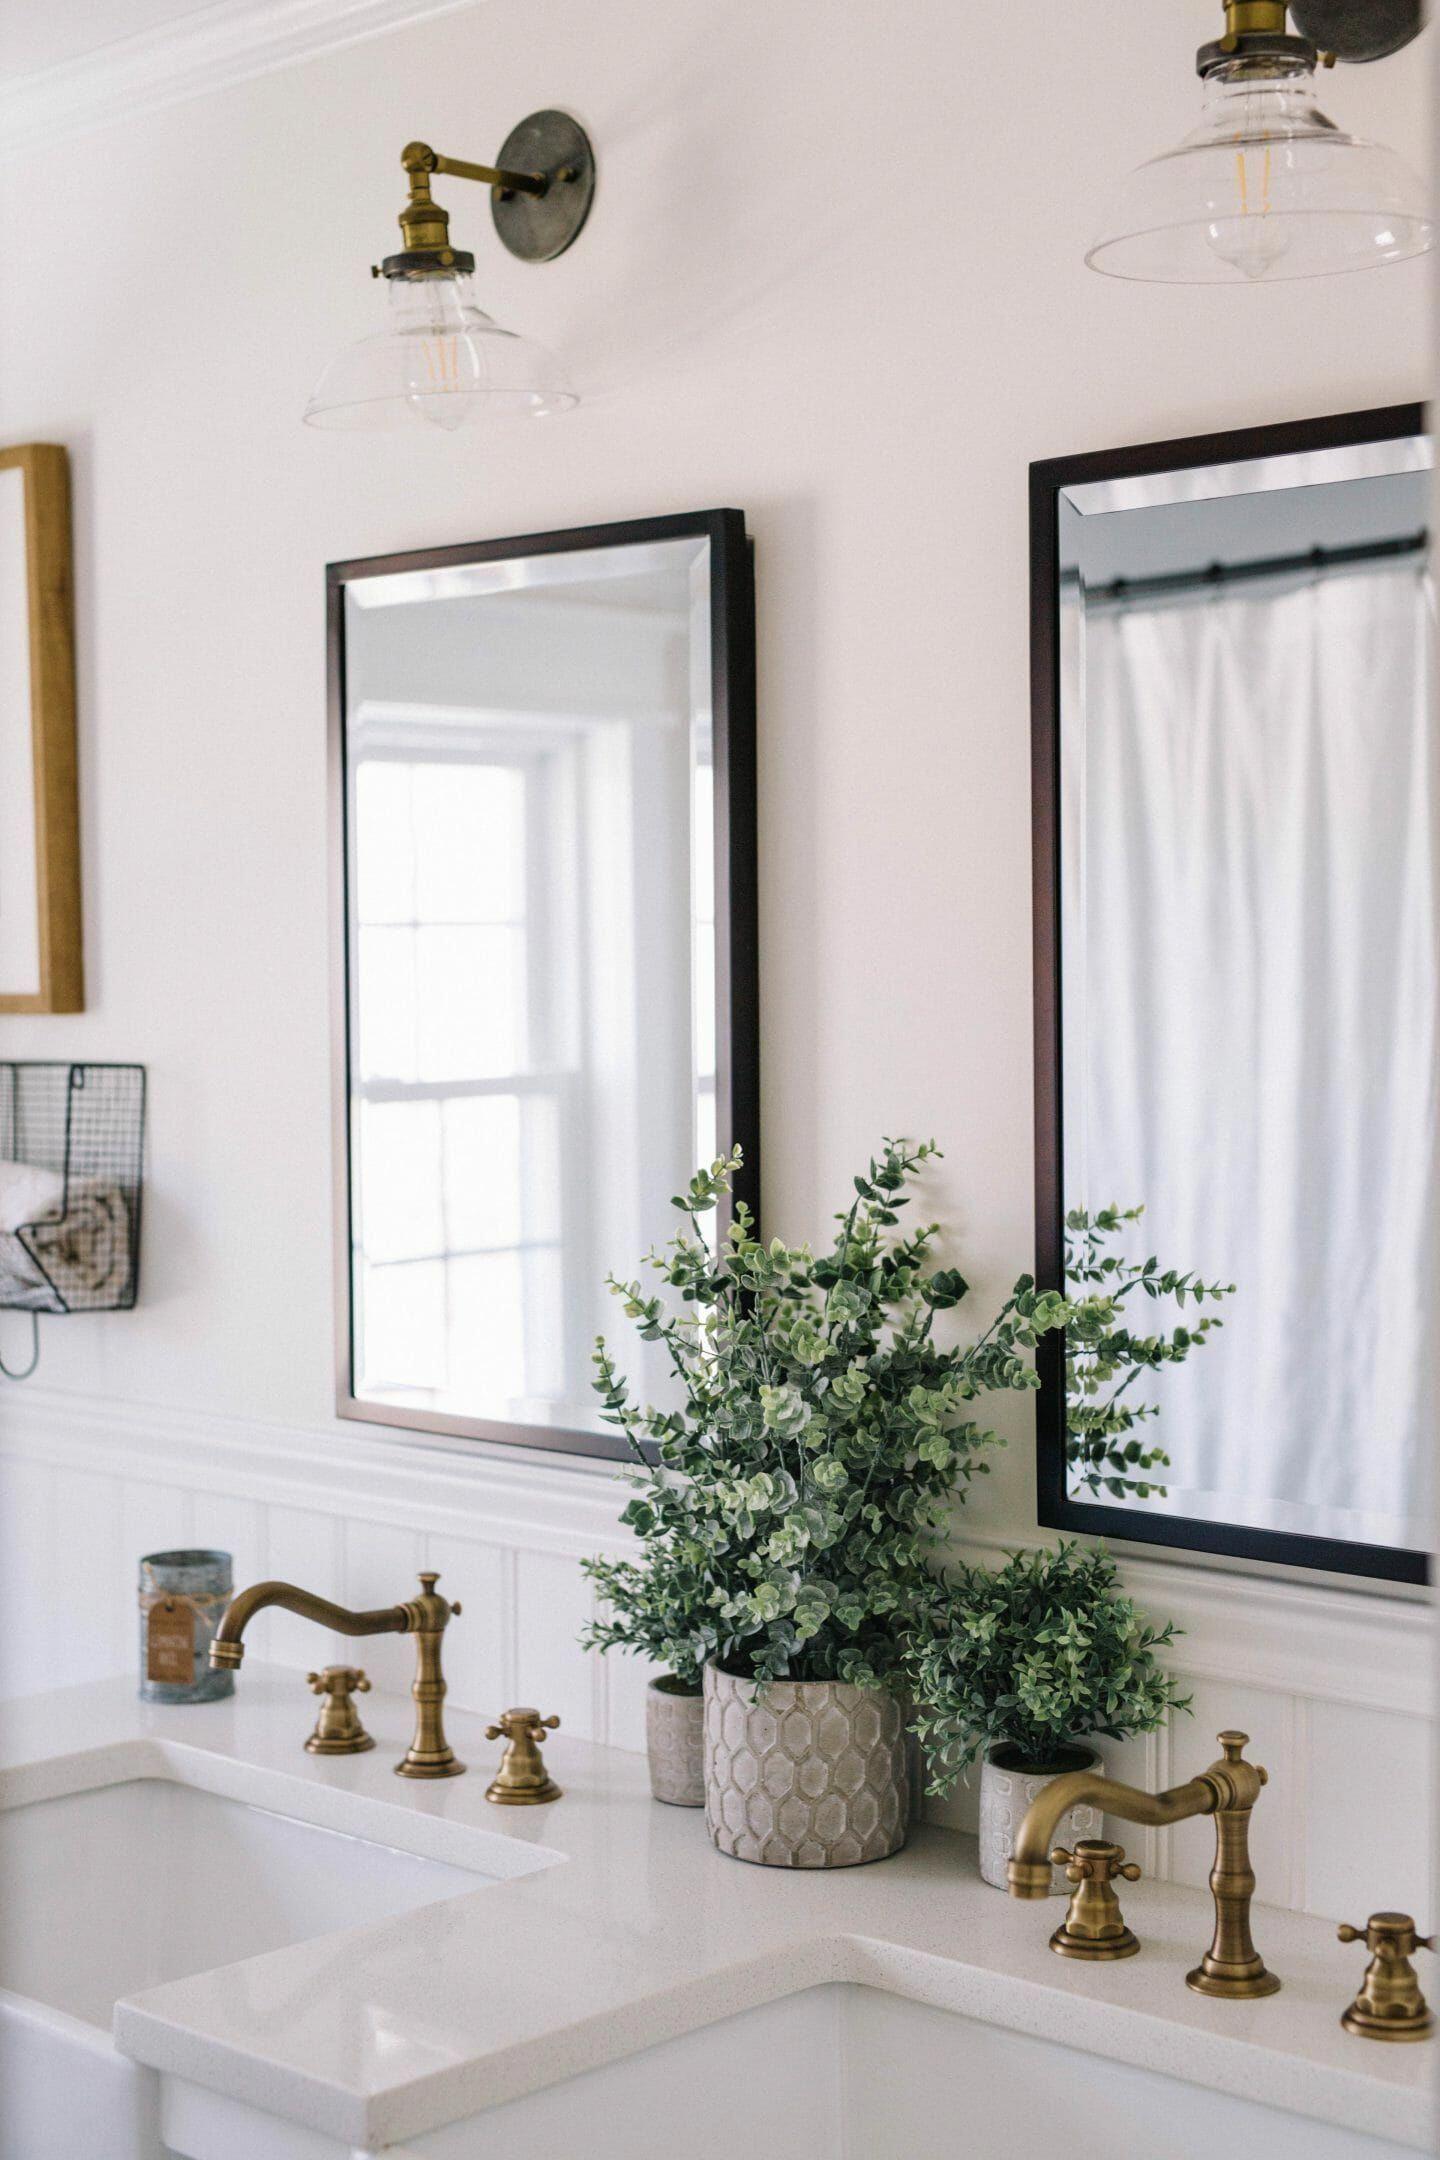 Farmhouse bathroom makeover bathroom renovation ideas with